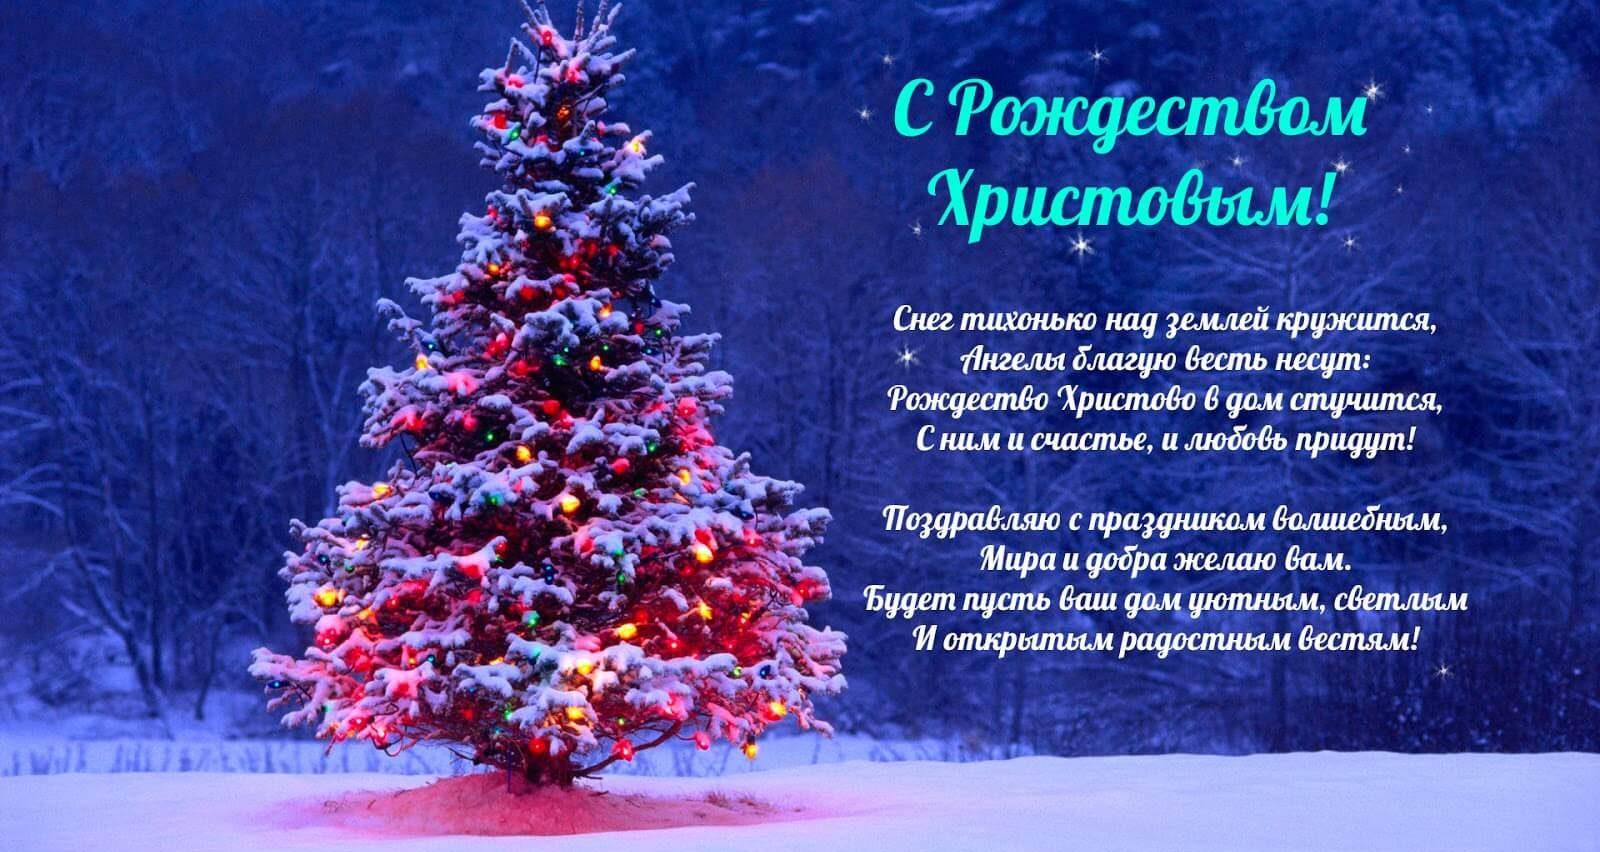 Картинка поздравление с Рождеством Христовым